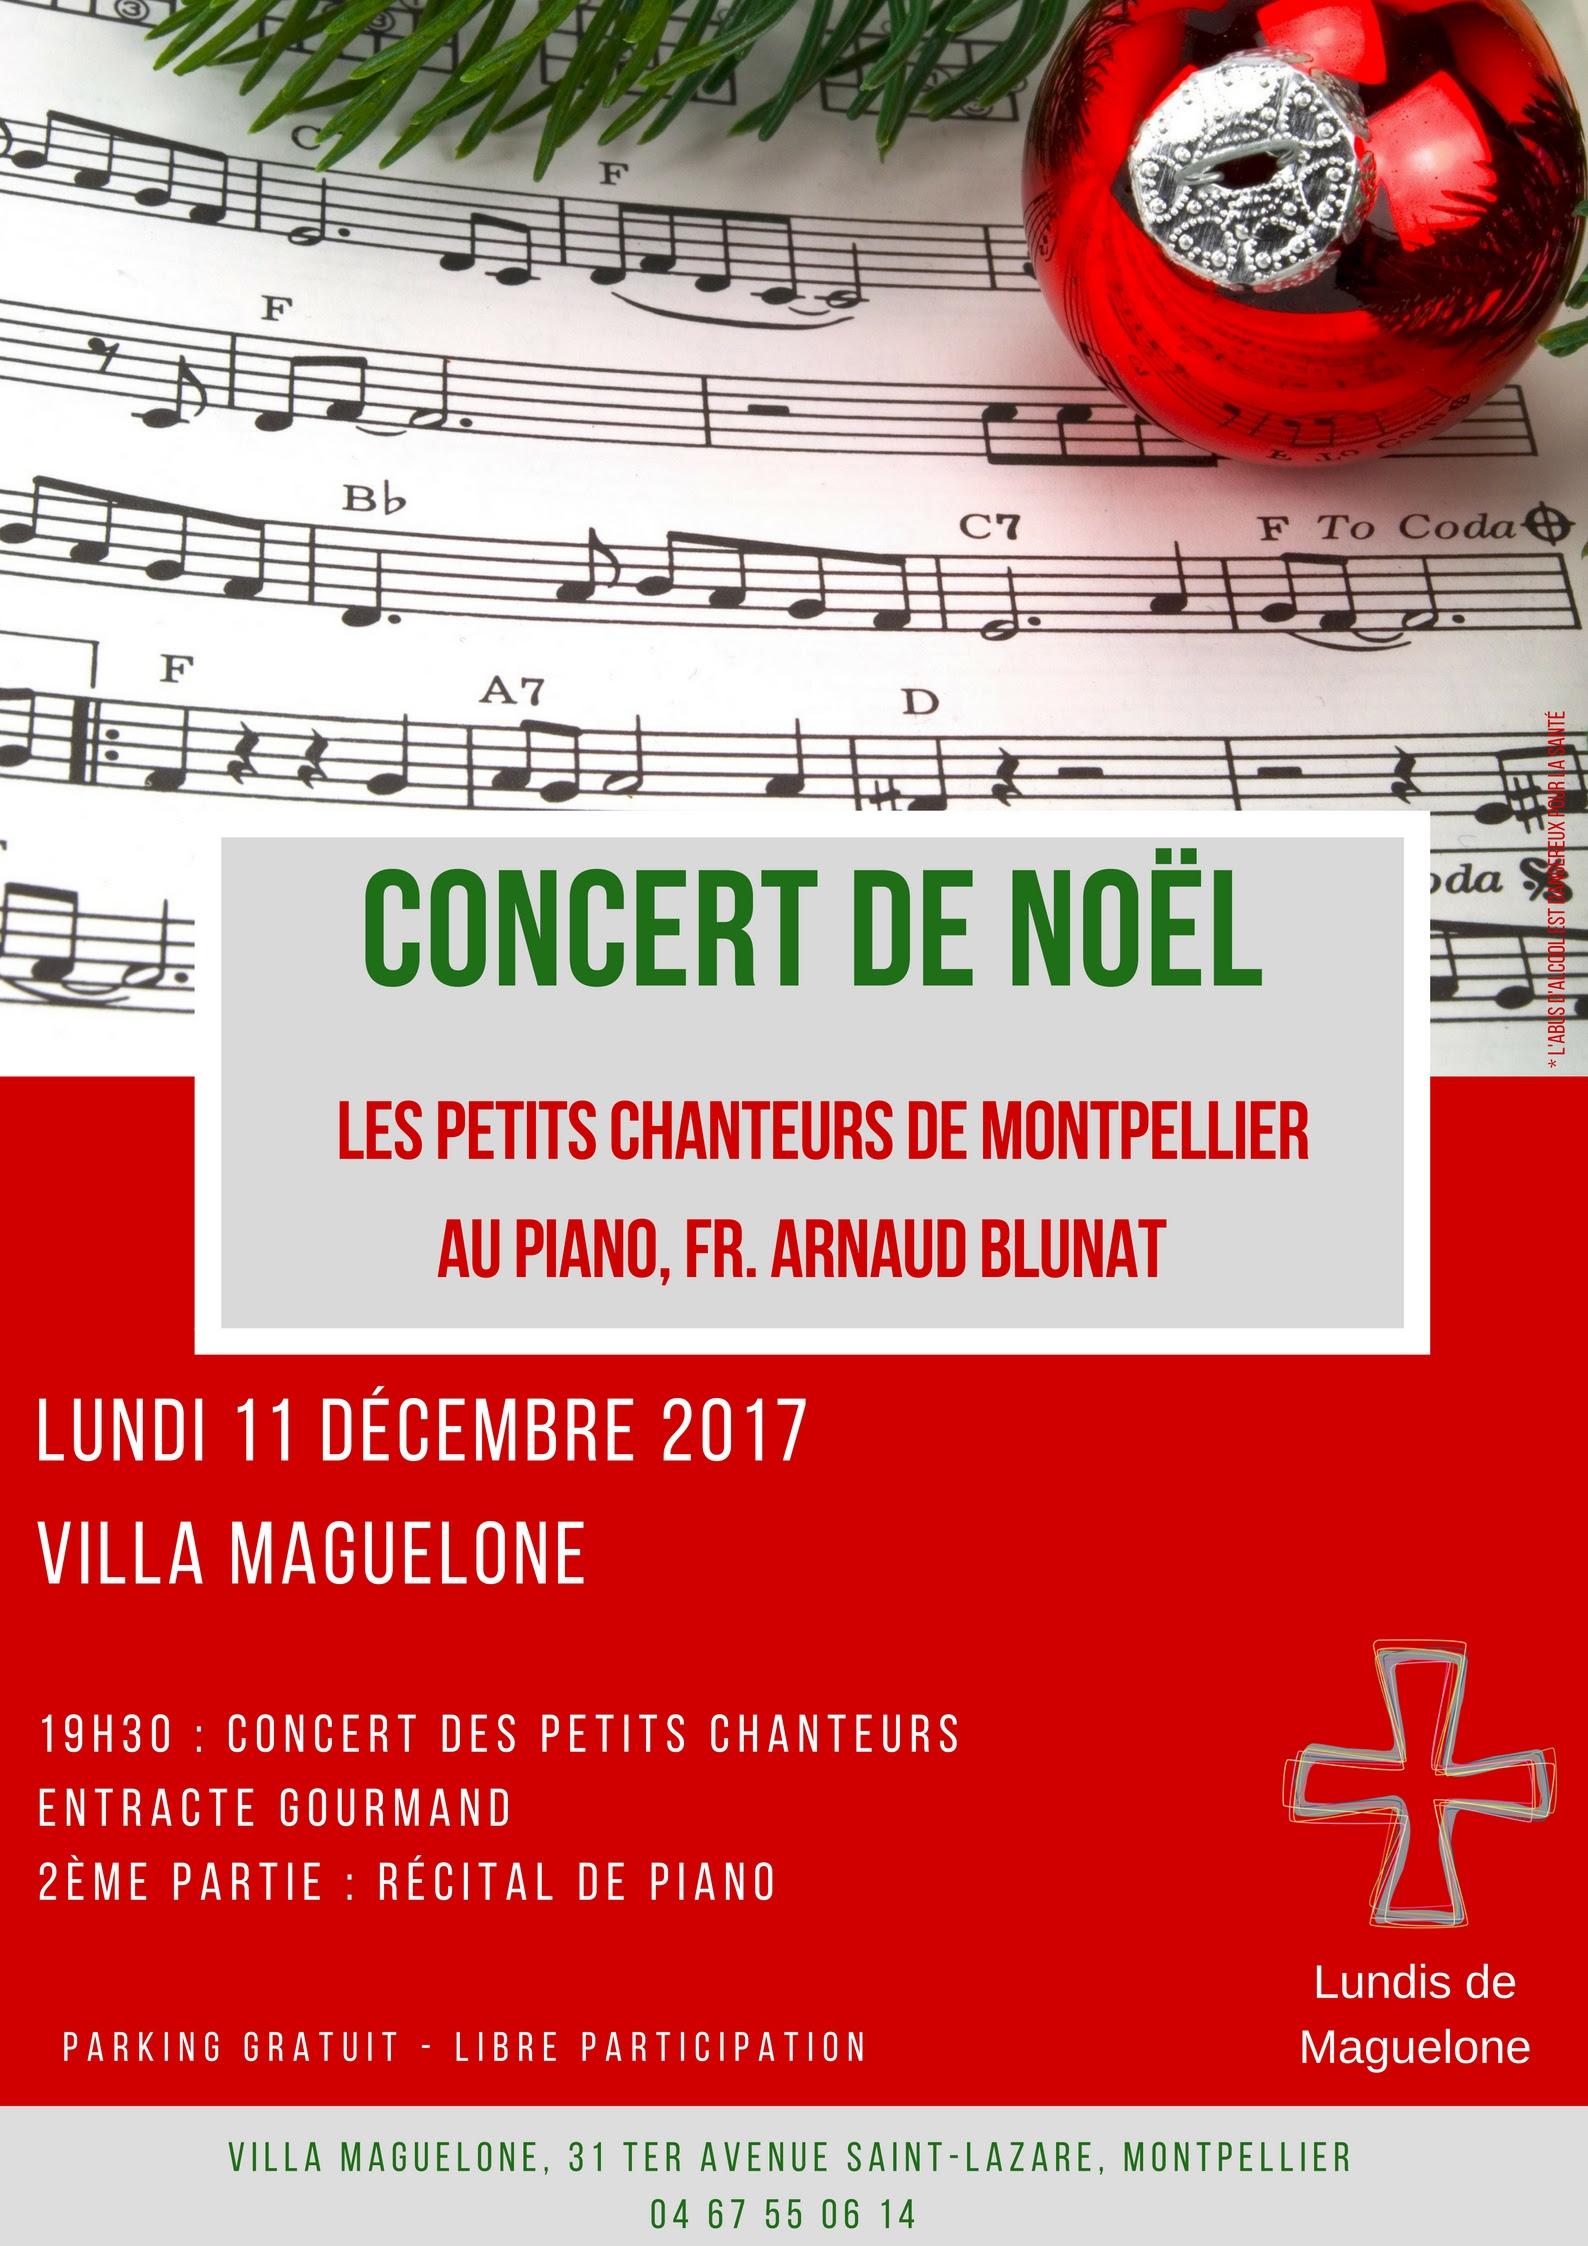 Lundis de Maguelone: Concert de Noël le 11 décembre à Montpellier (34)